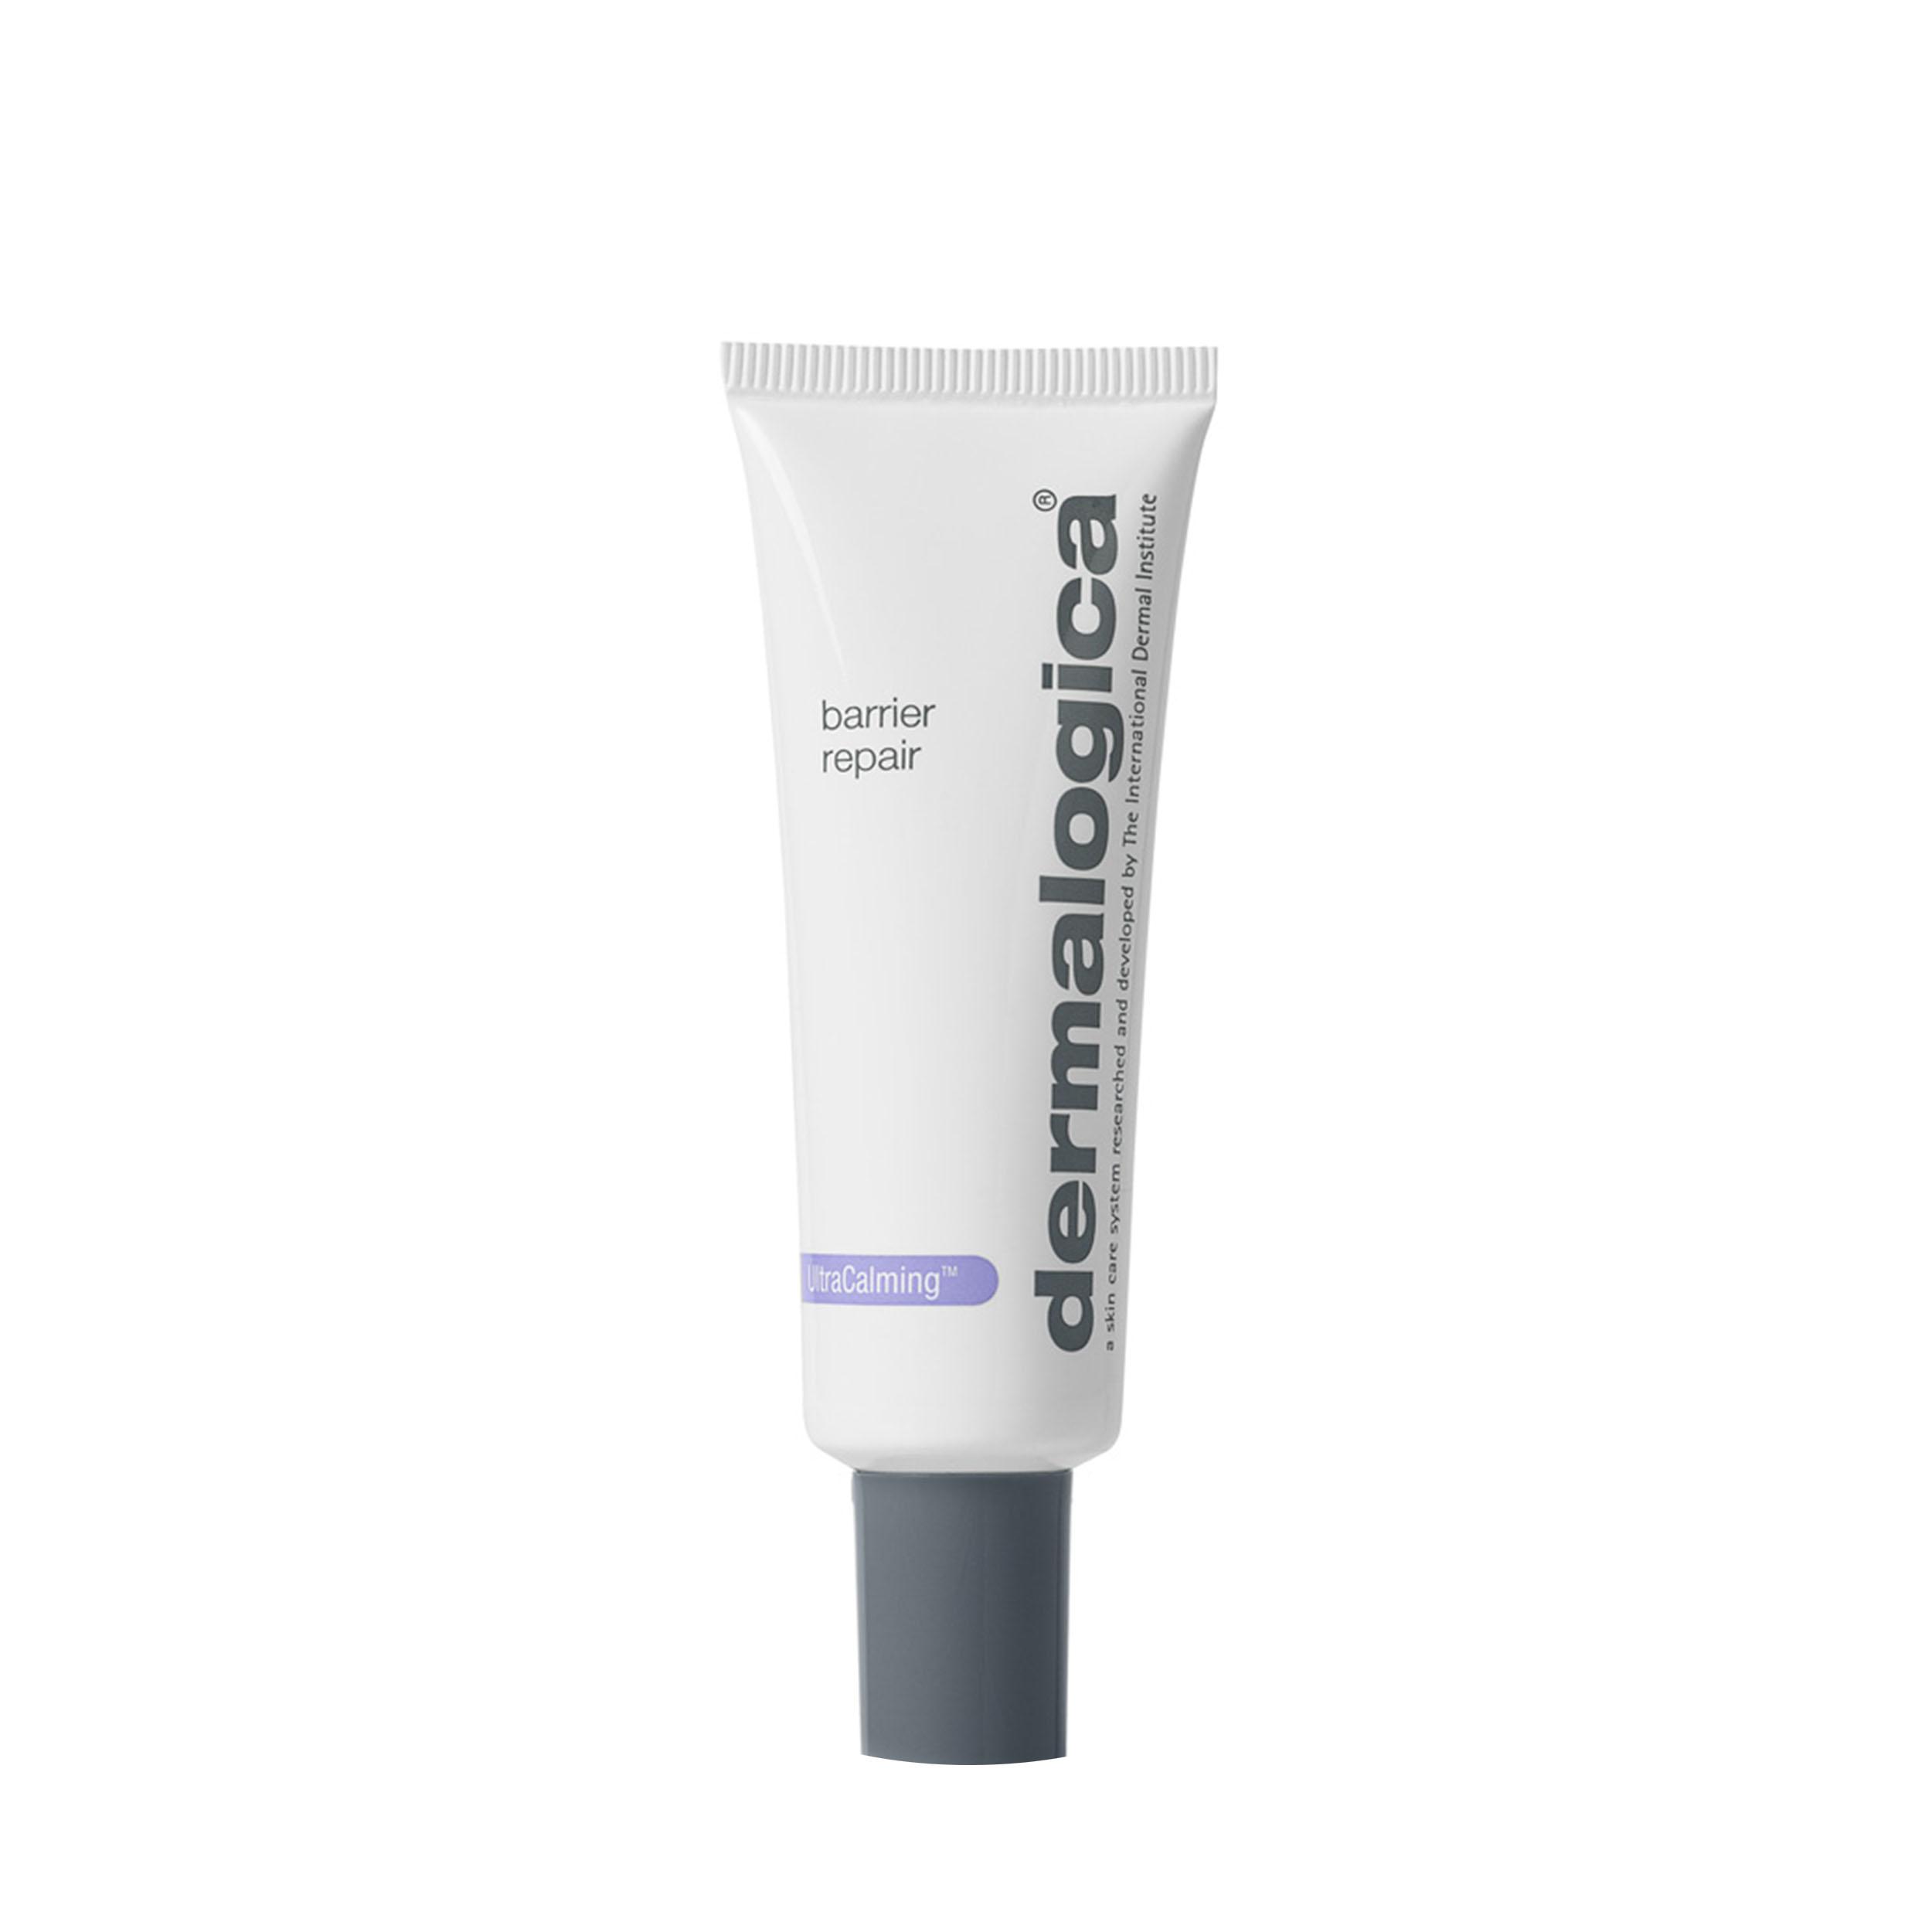 Dermalogica Успокаивающий защитный крем для лица 30 мл фото